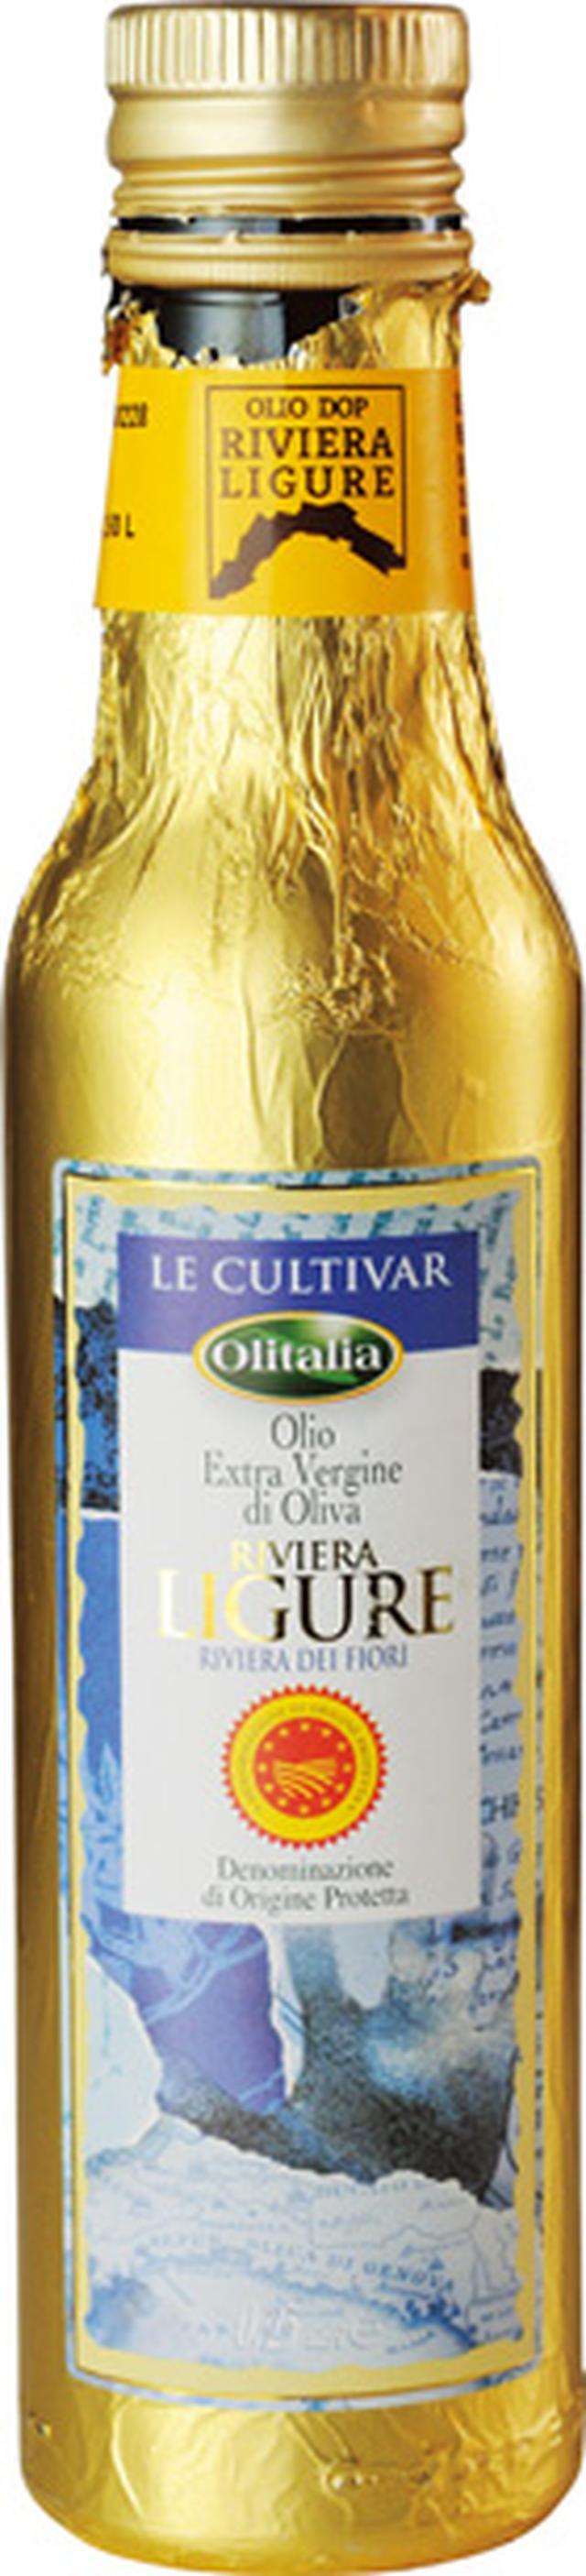 画像: イタリア・オリタリア社のエキストラバージンオリーブオイルが、風味がよく、お気に入り